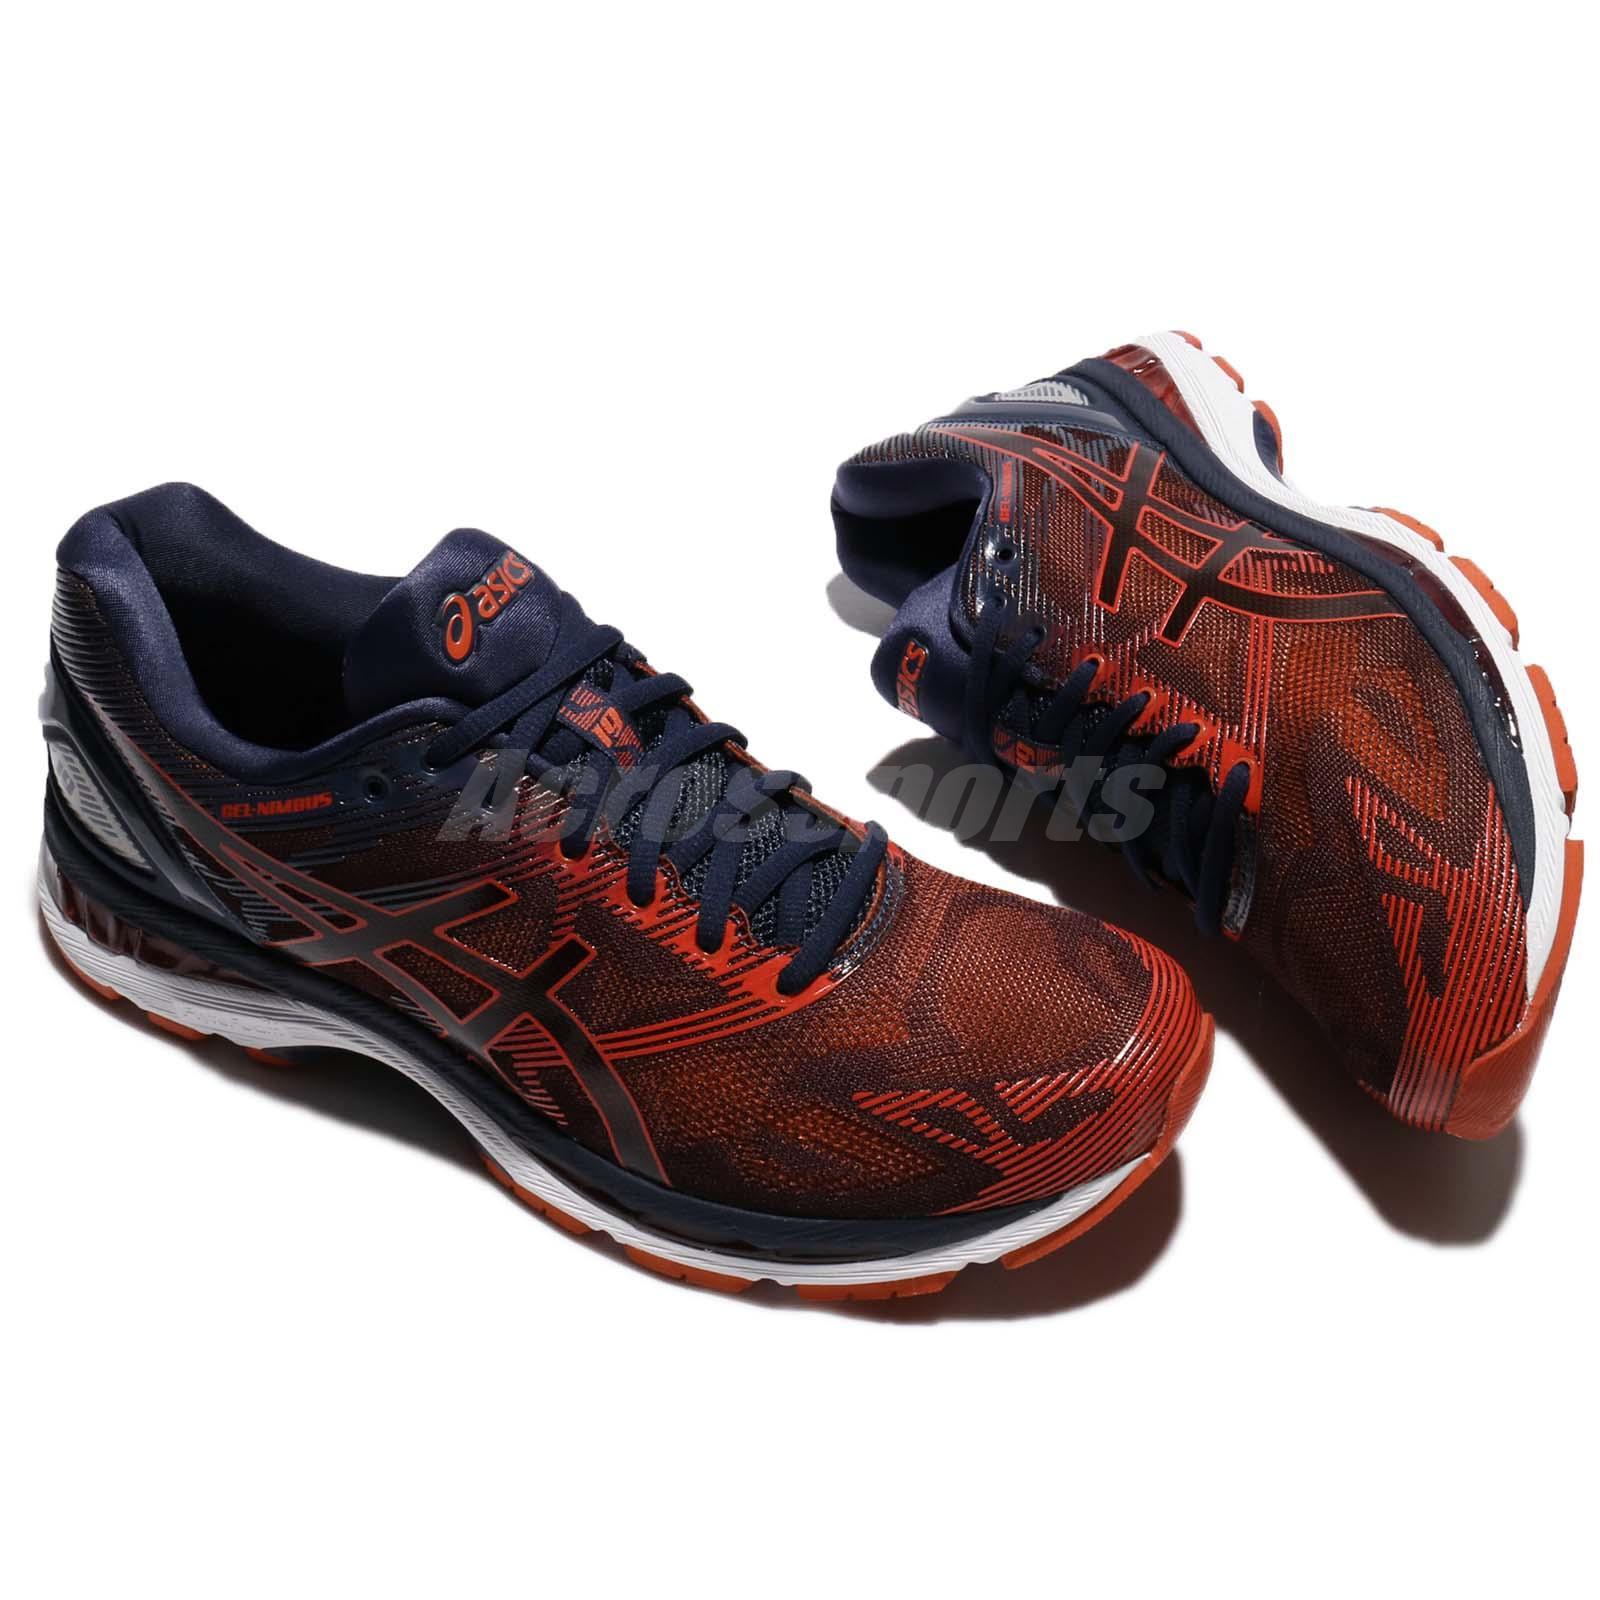 Sportive Asics Scarpa Uomo Running Nimbus Gel Scarpe 19 trQshd